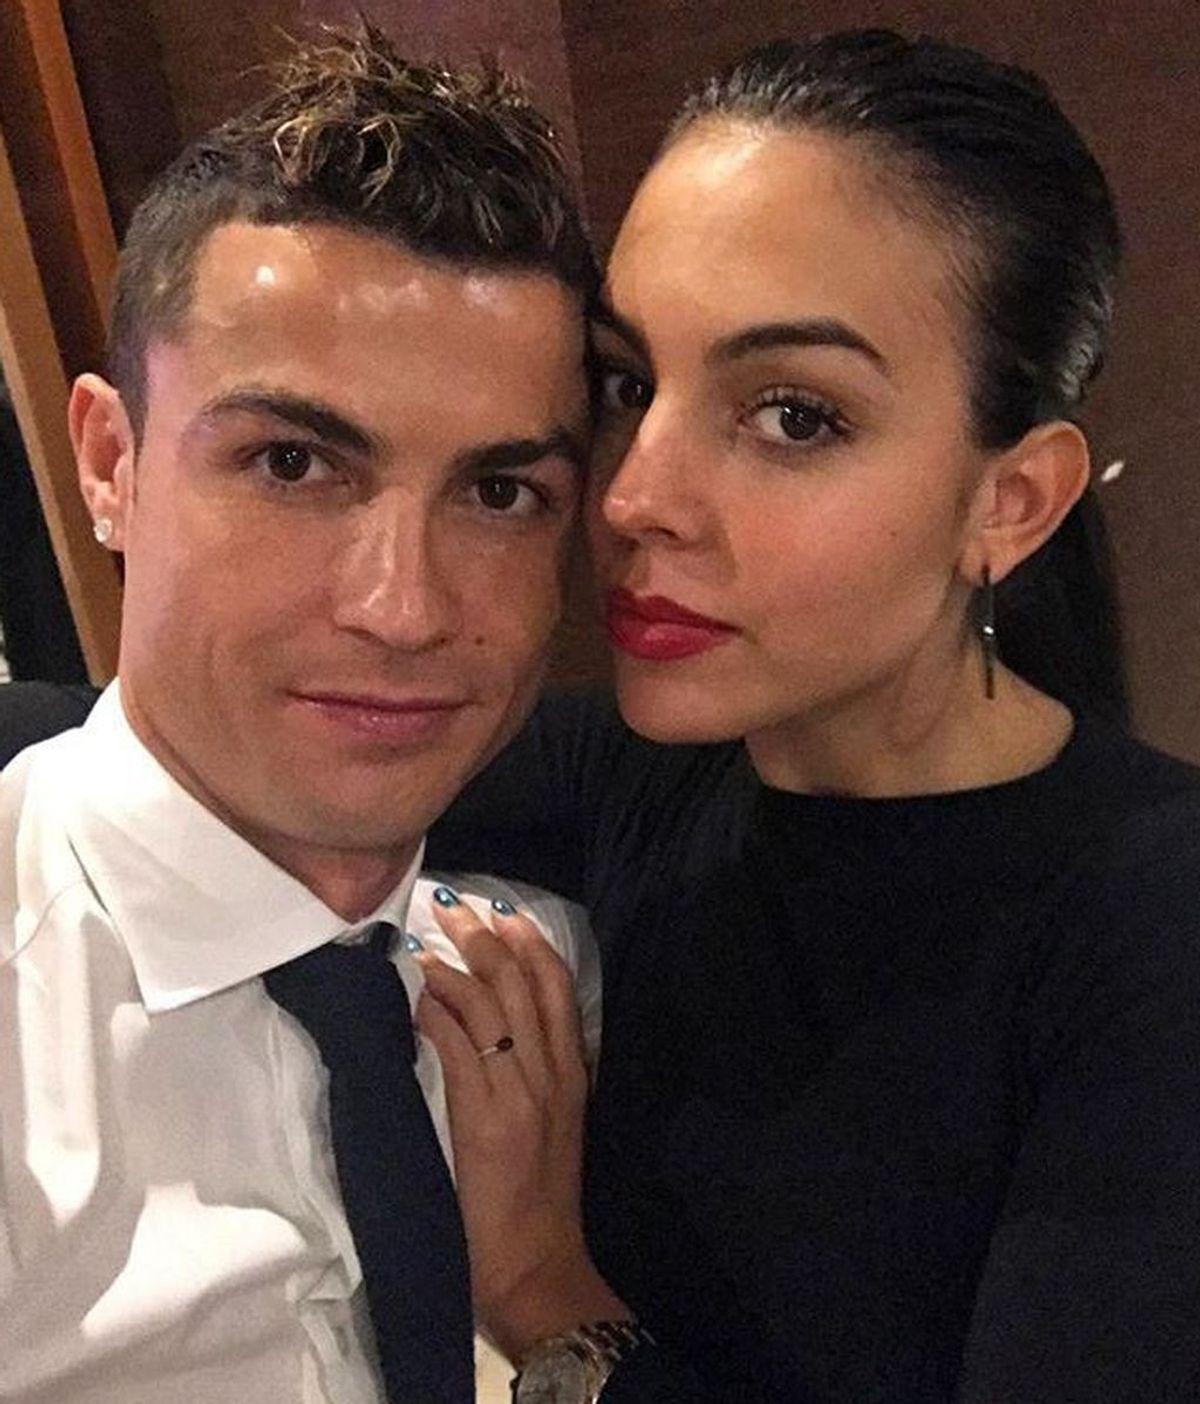 ¡Georgina celebra su fiesta de cumpleaños sin Cristiano Ronaldo!